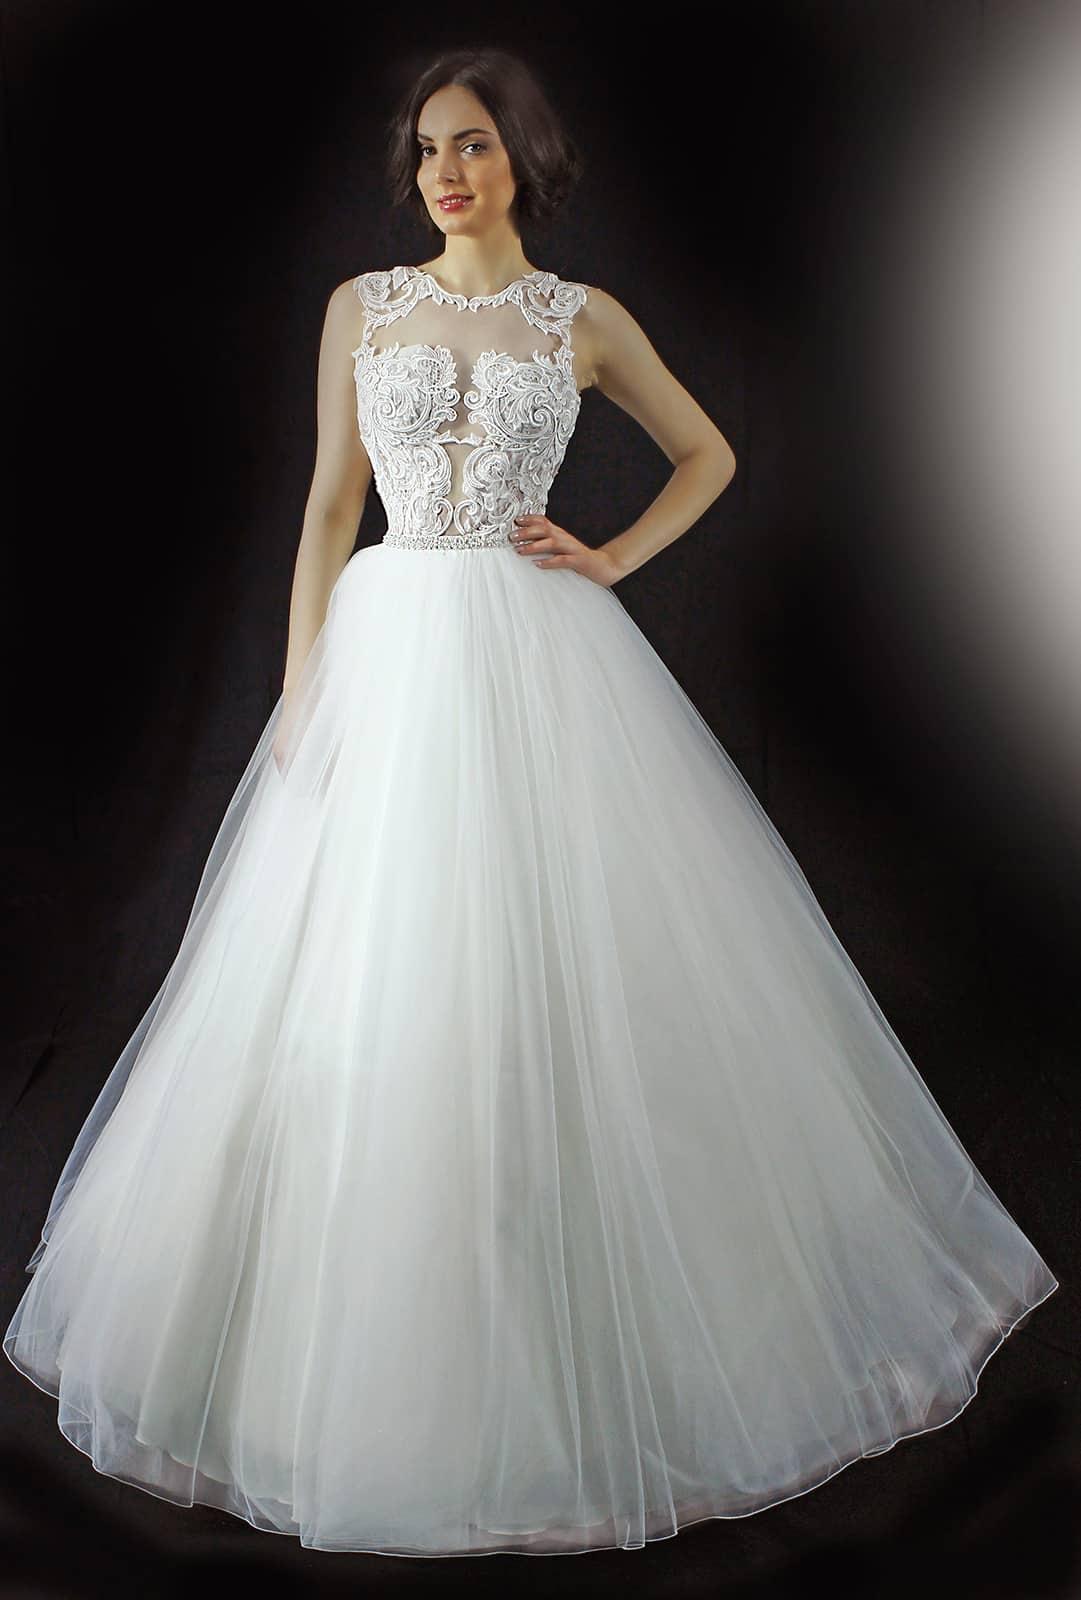 Rochie de mireasa Plevna Model - Colectia Dreams - Adora Sposa